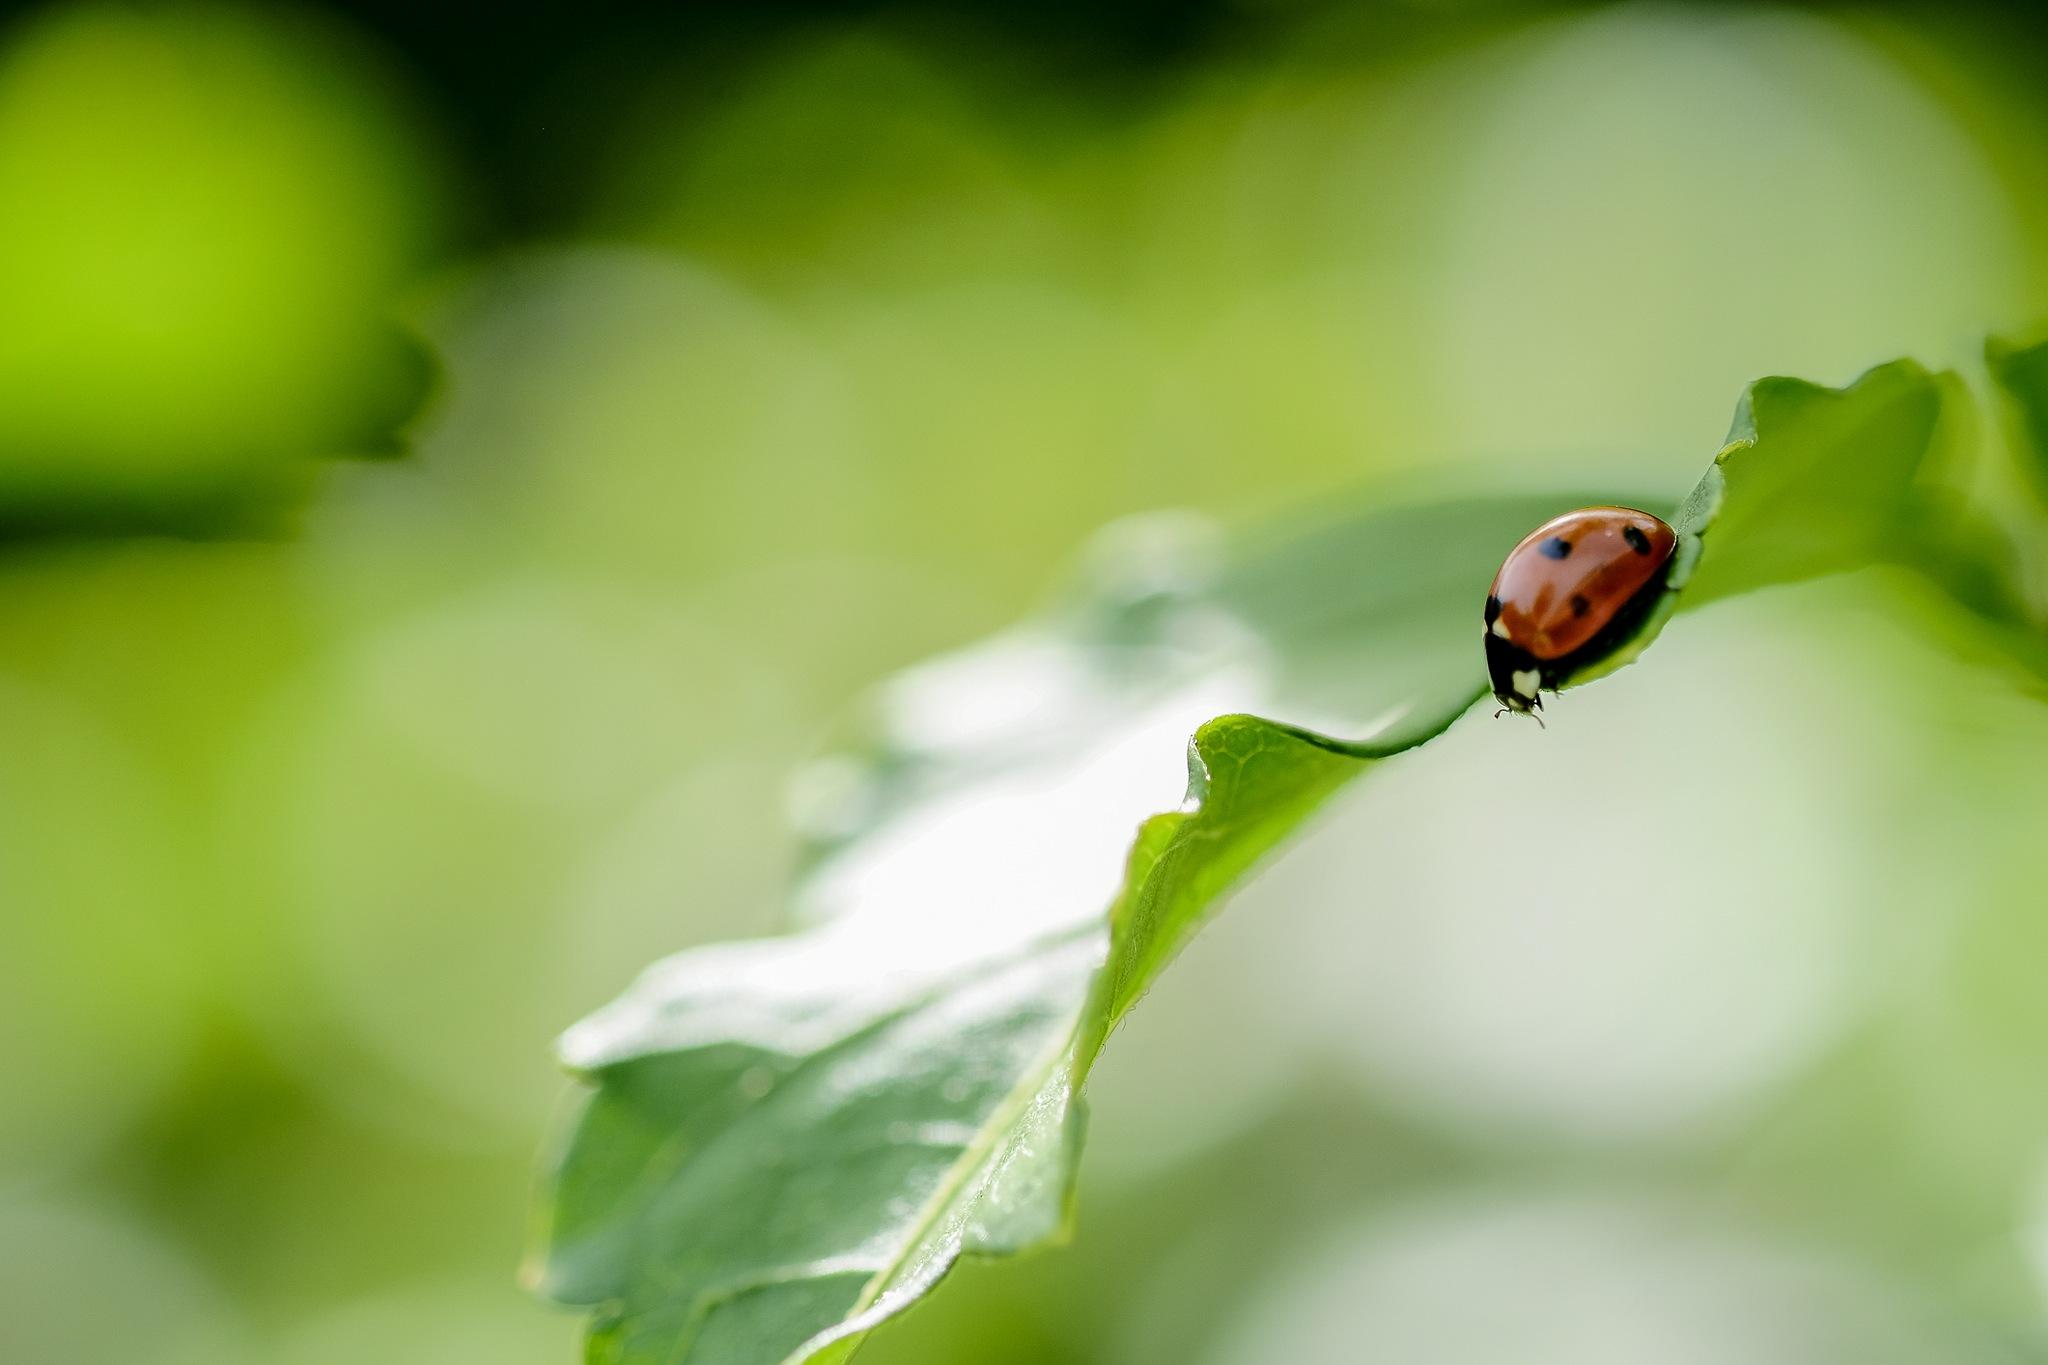 Ladybug.. by photosdan